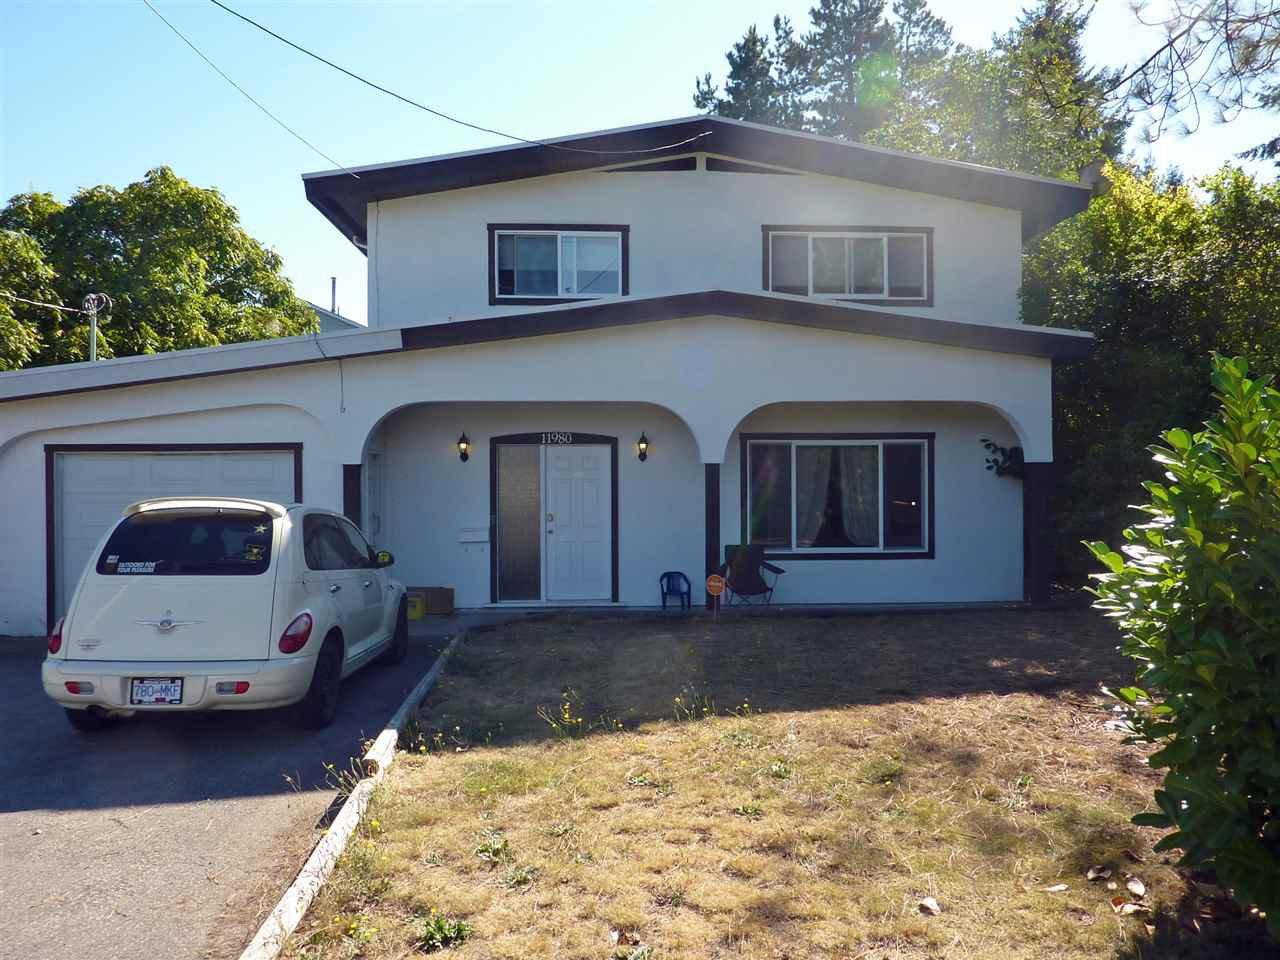 Main Photo: 11980 GLENHURST Street in Maple Ridge: Cottonwood MR House for sale : MLS®# R2102386